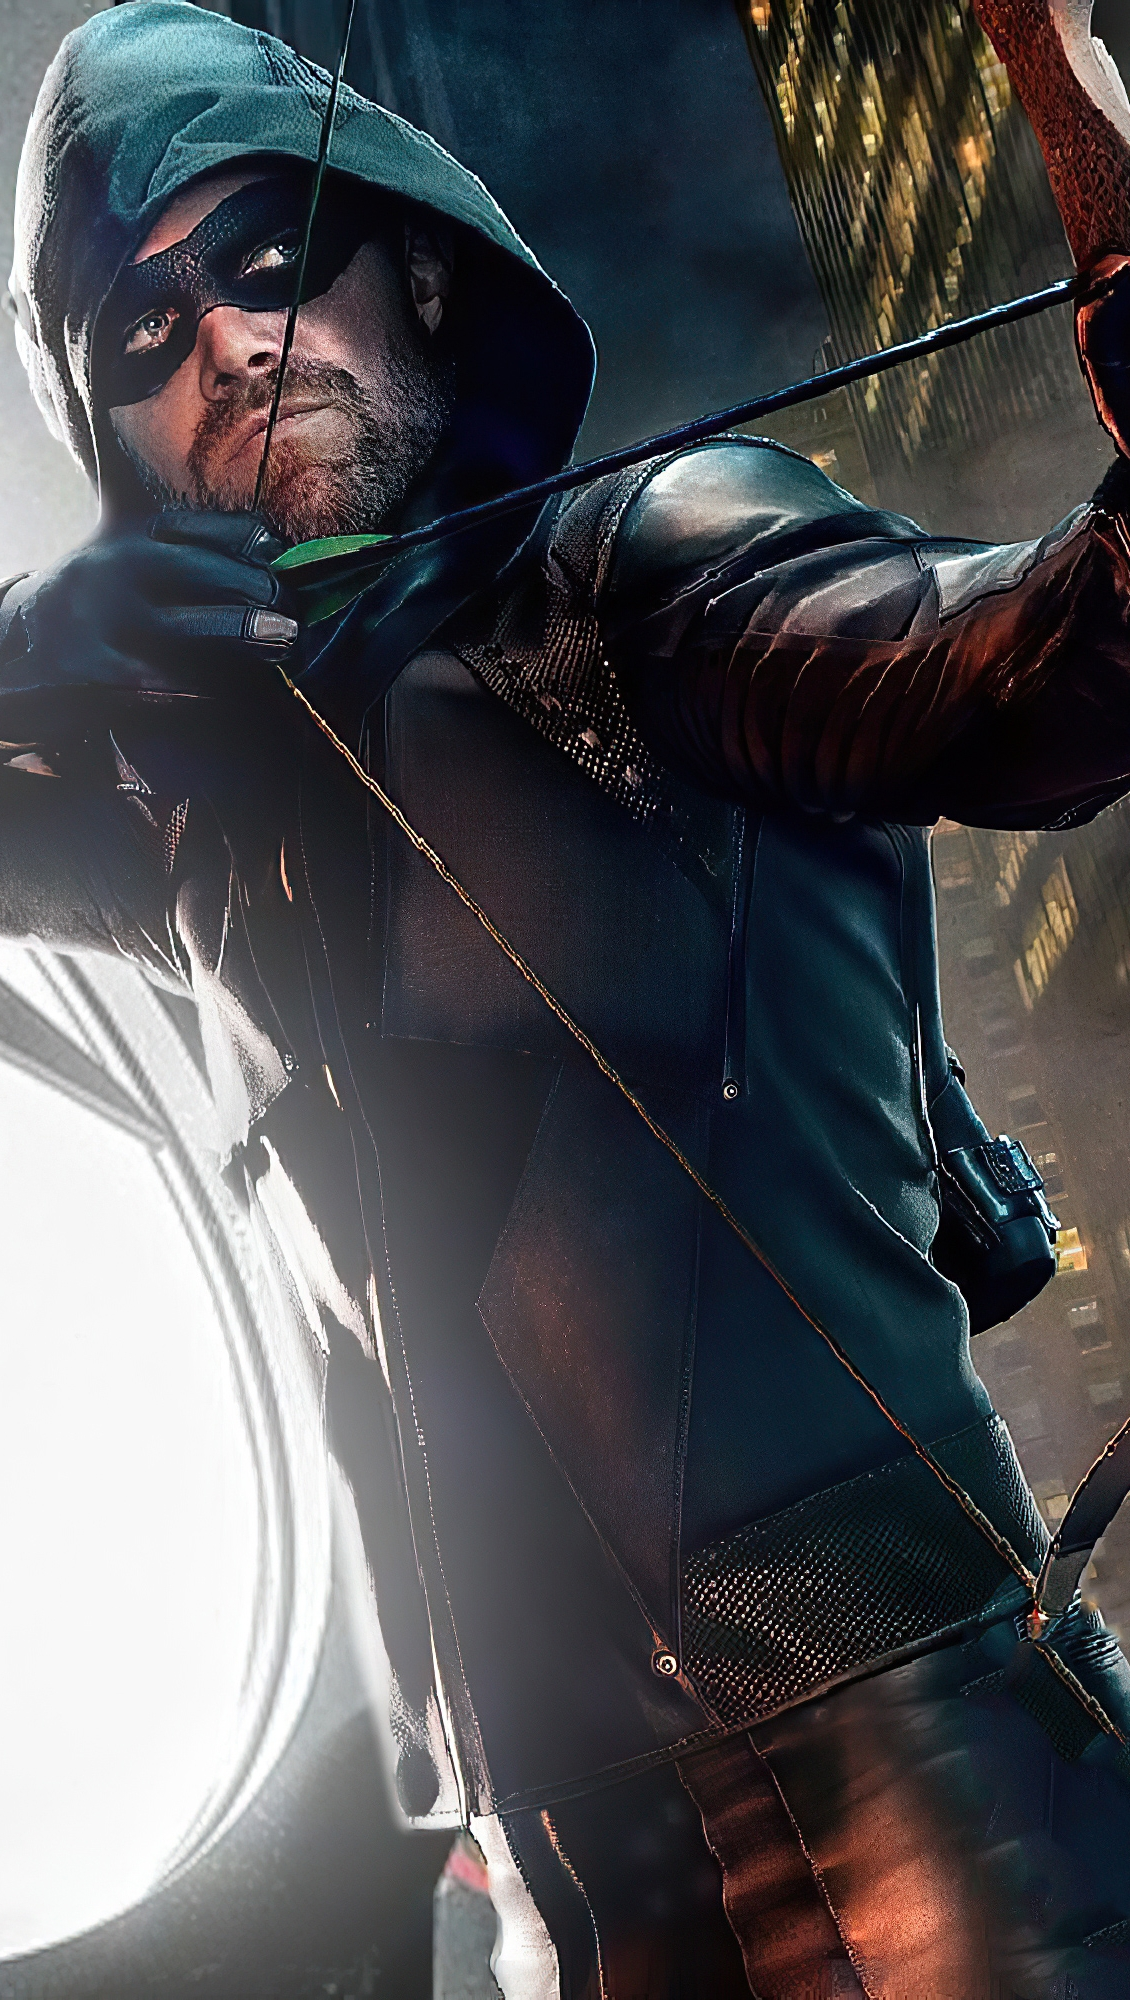 Fondos de pantalla Flecha verde con logo de Batman Vertical